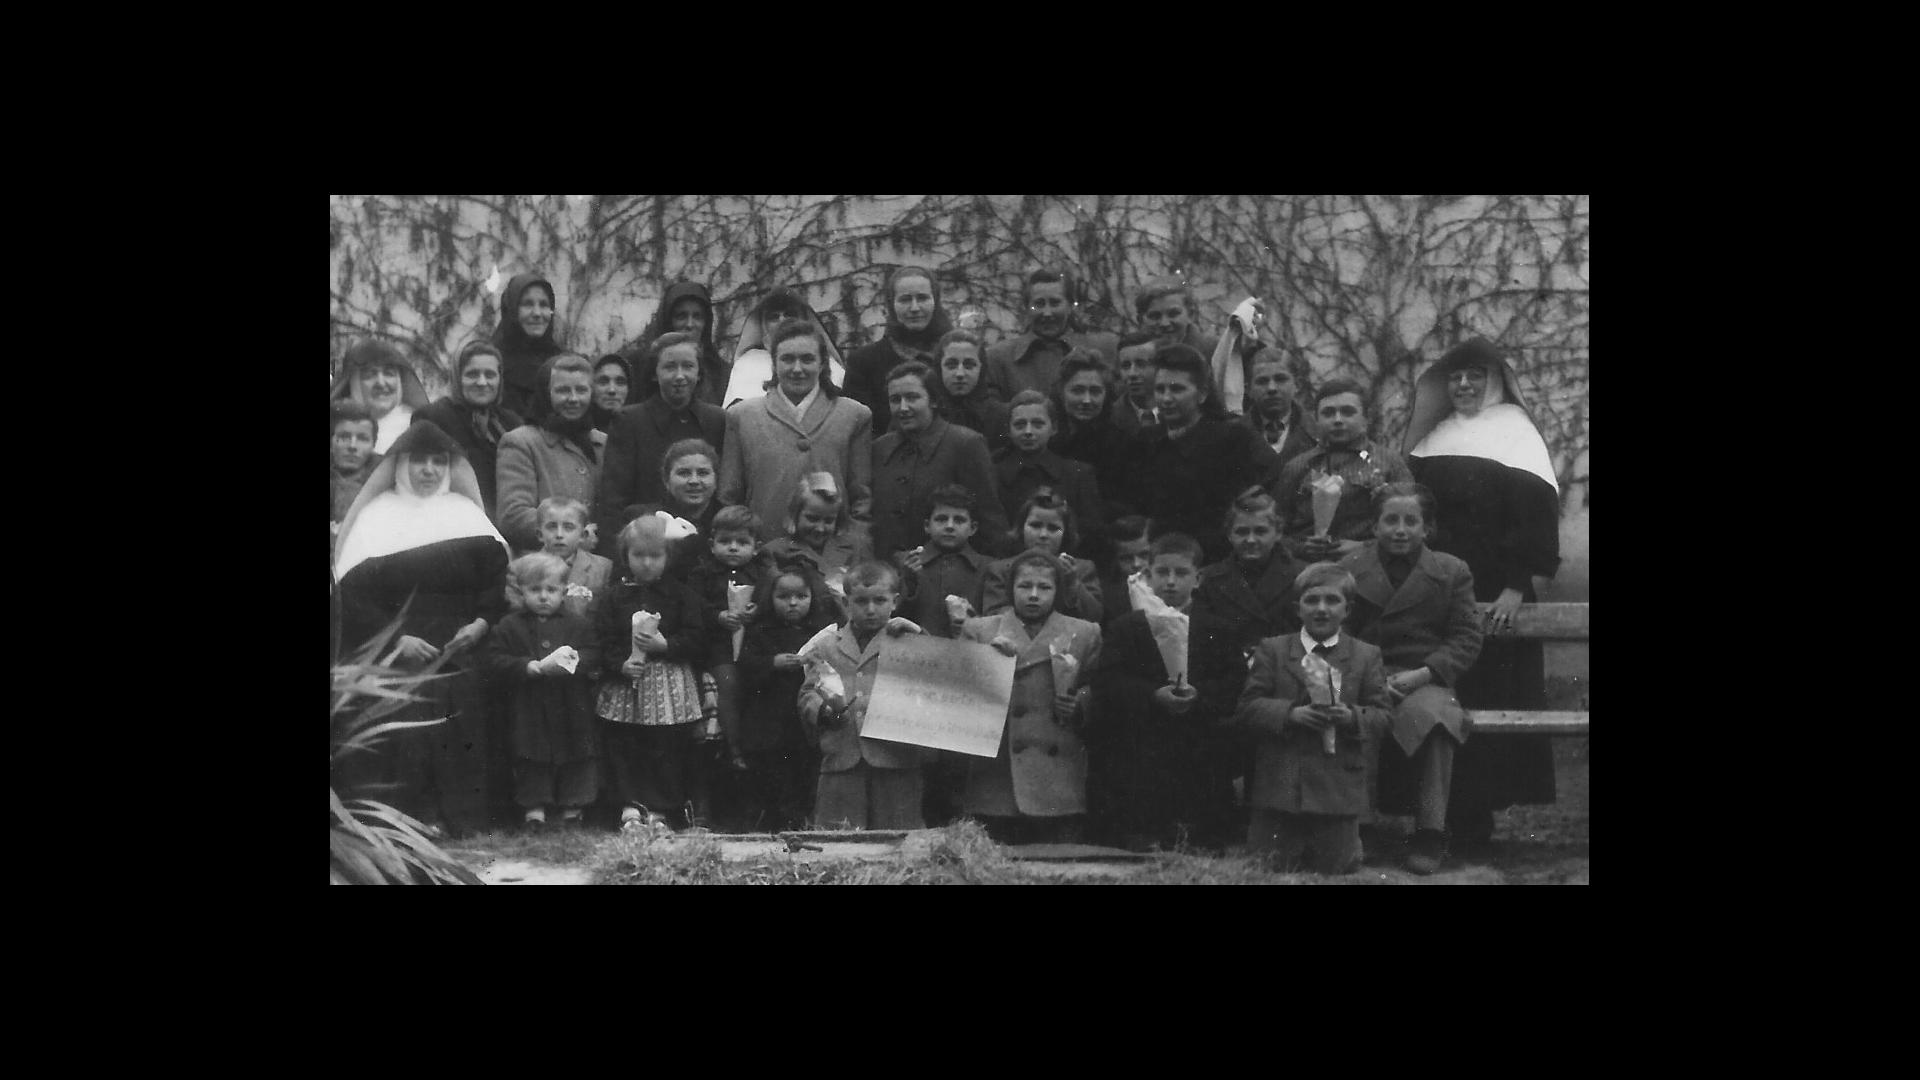 Aufnahme von 1950: Schwester Anysia verteilt an die Kinder der zurückgebliebenen Deutschen Geschenke aus einem Paket von amerikanischen Verwandten. Foto: Archiv Freundeskreis Filipowa